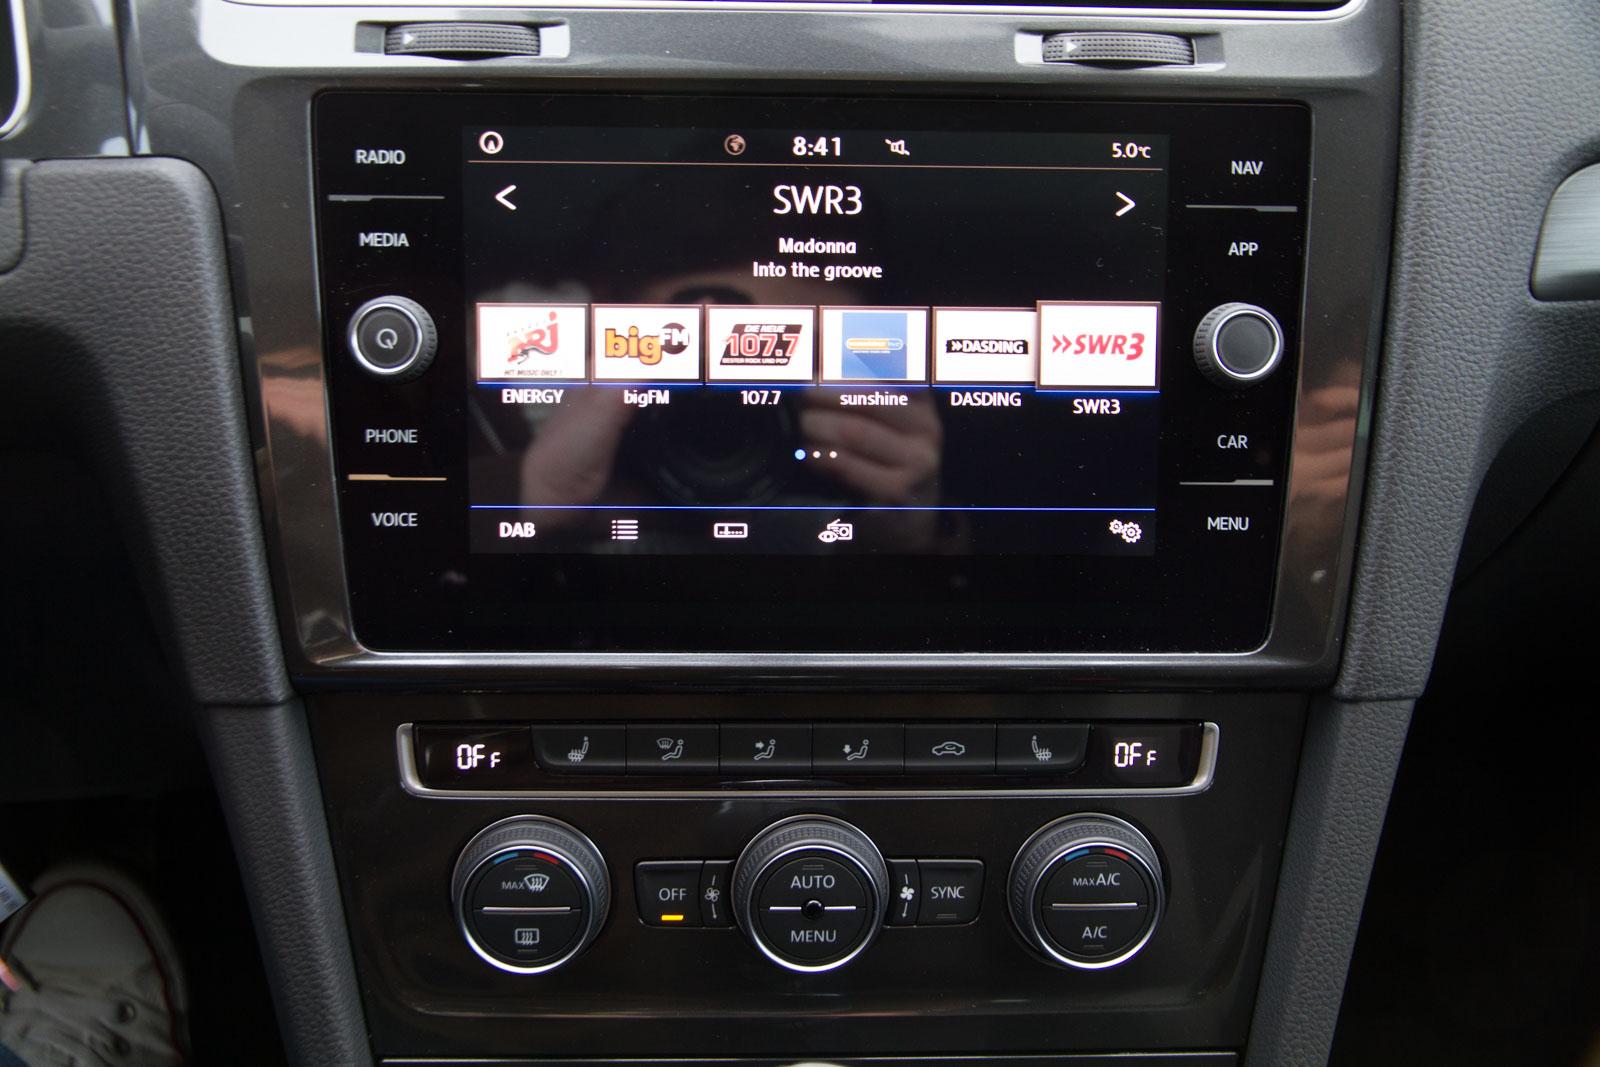 VW Golf 7 Limousine R-Line 1.5 TSI ACT 110 KW 6-Gang / Deutsche Neufahrzeuge und EU-Neufahrzeuge – Aha! Fahrzeughandel GmbH in Althengstett